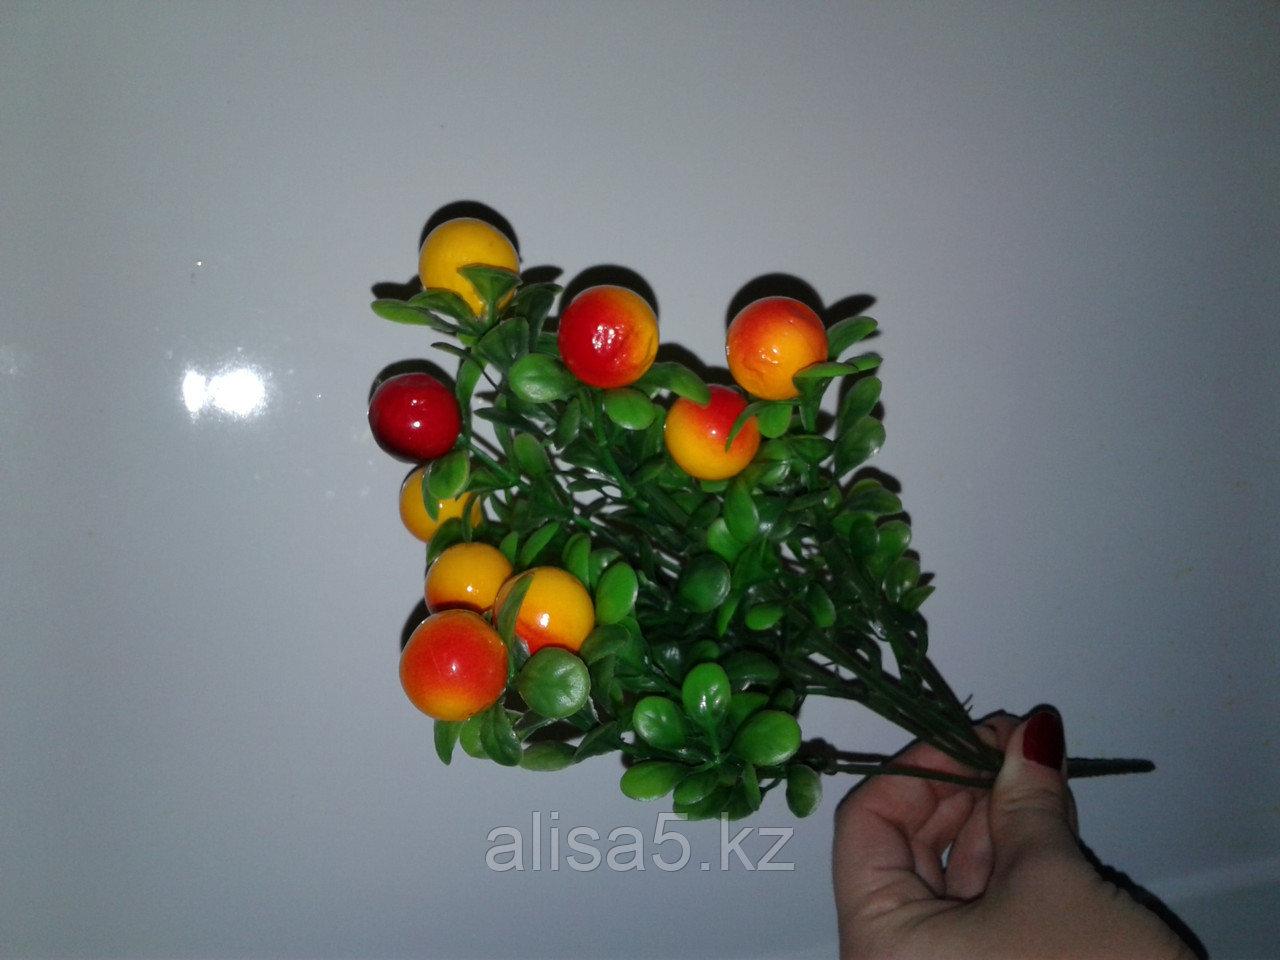 Веточка с ягодами крупные желт, шт.